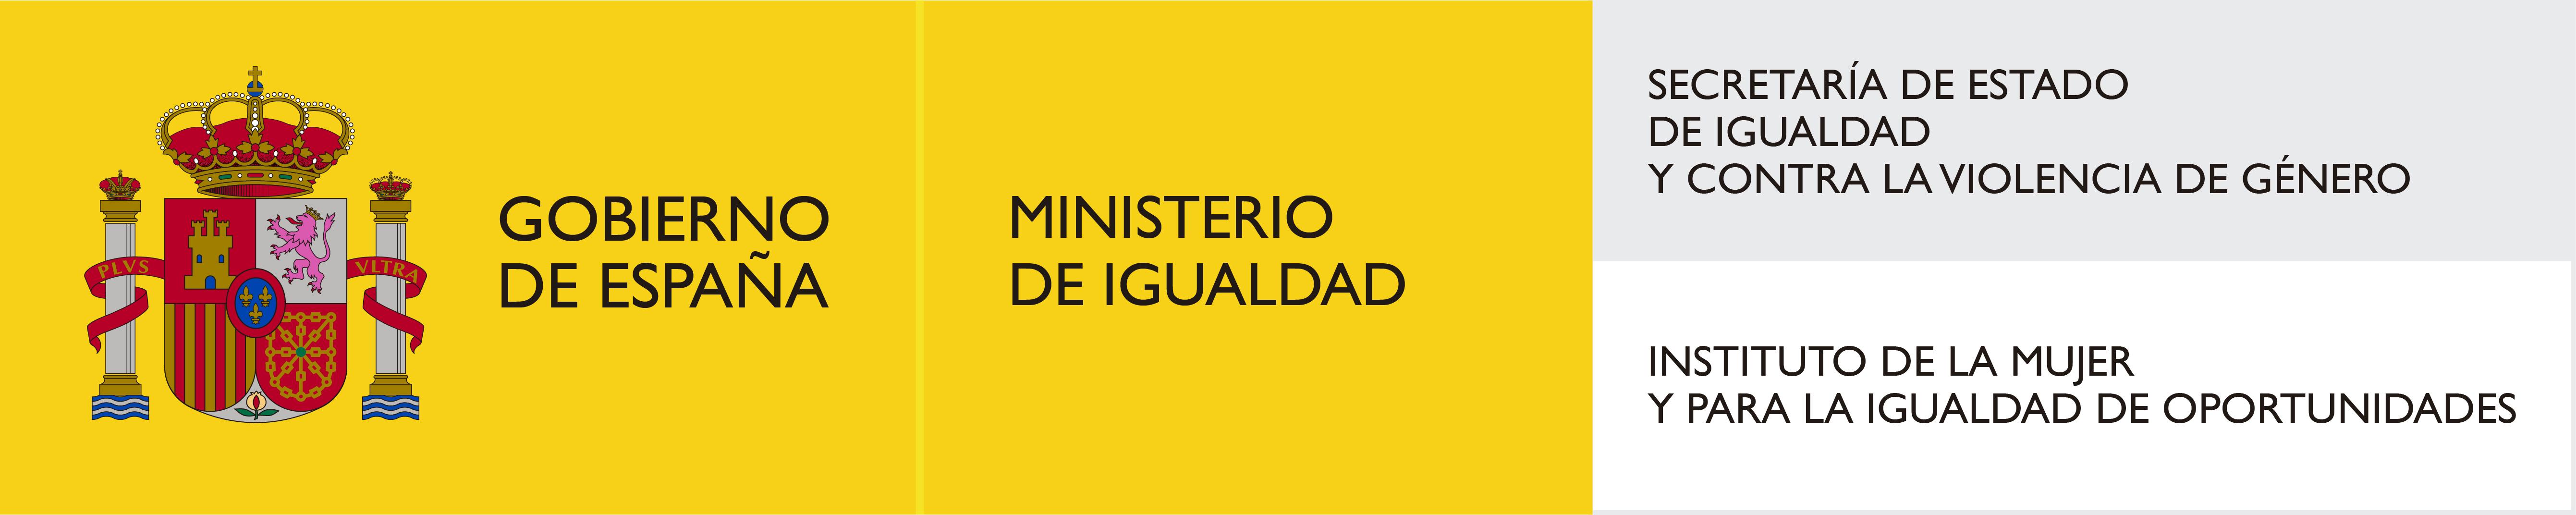 Ministerio de la Presidencia, Relaciones con las Cortes e Igualdad